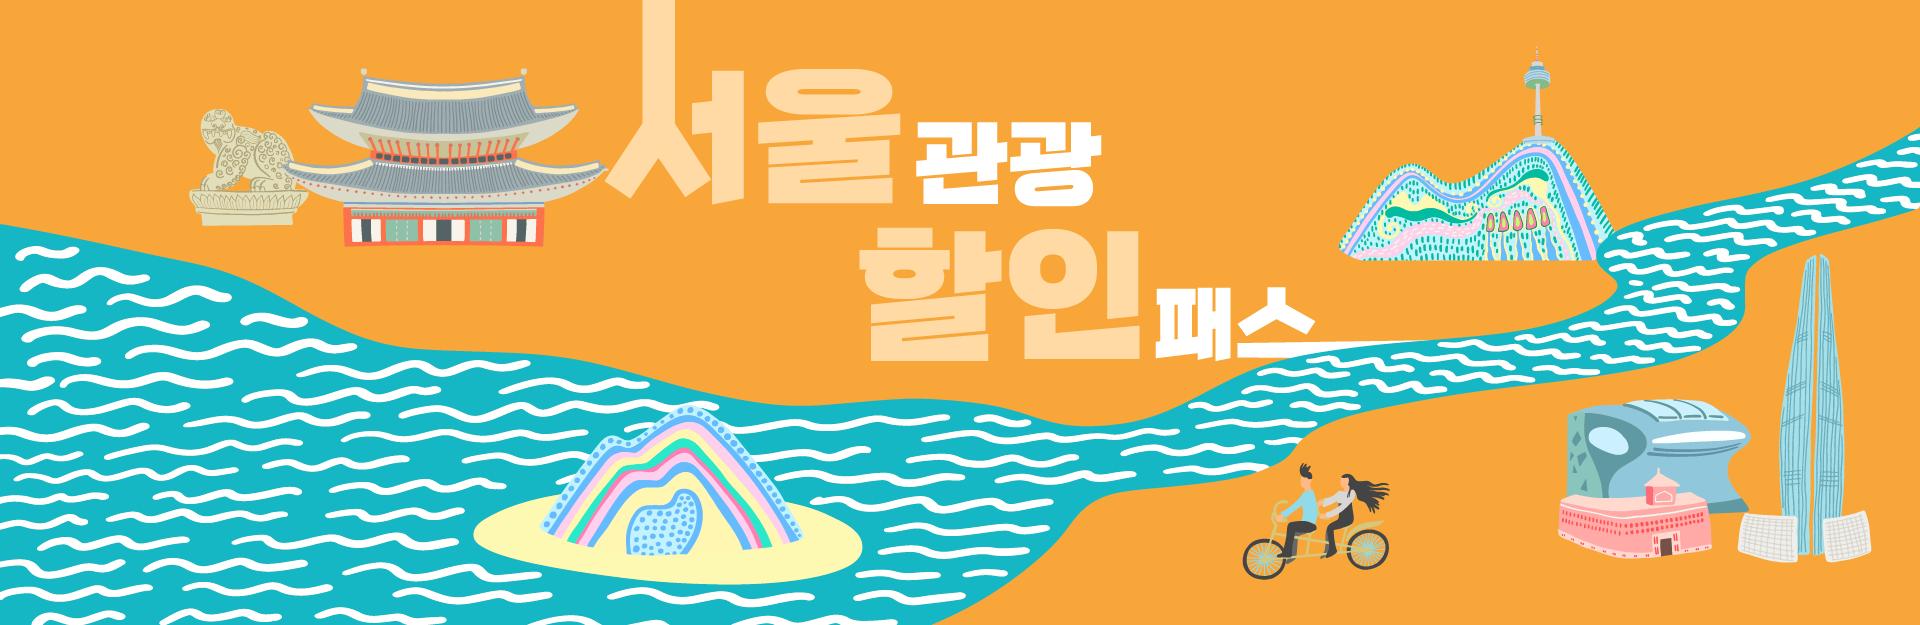 main-banner